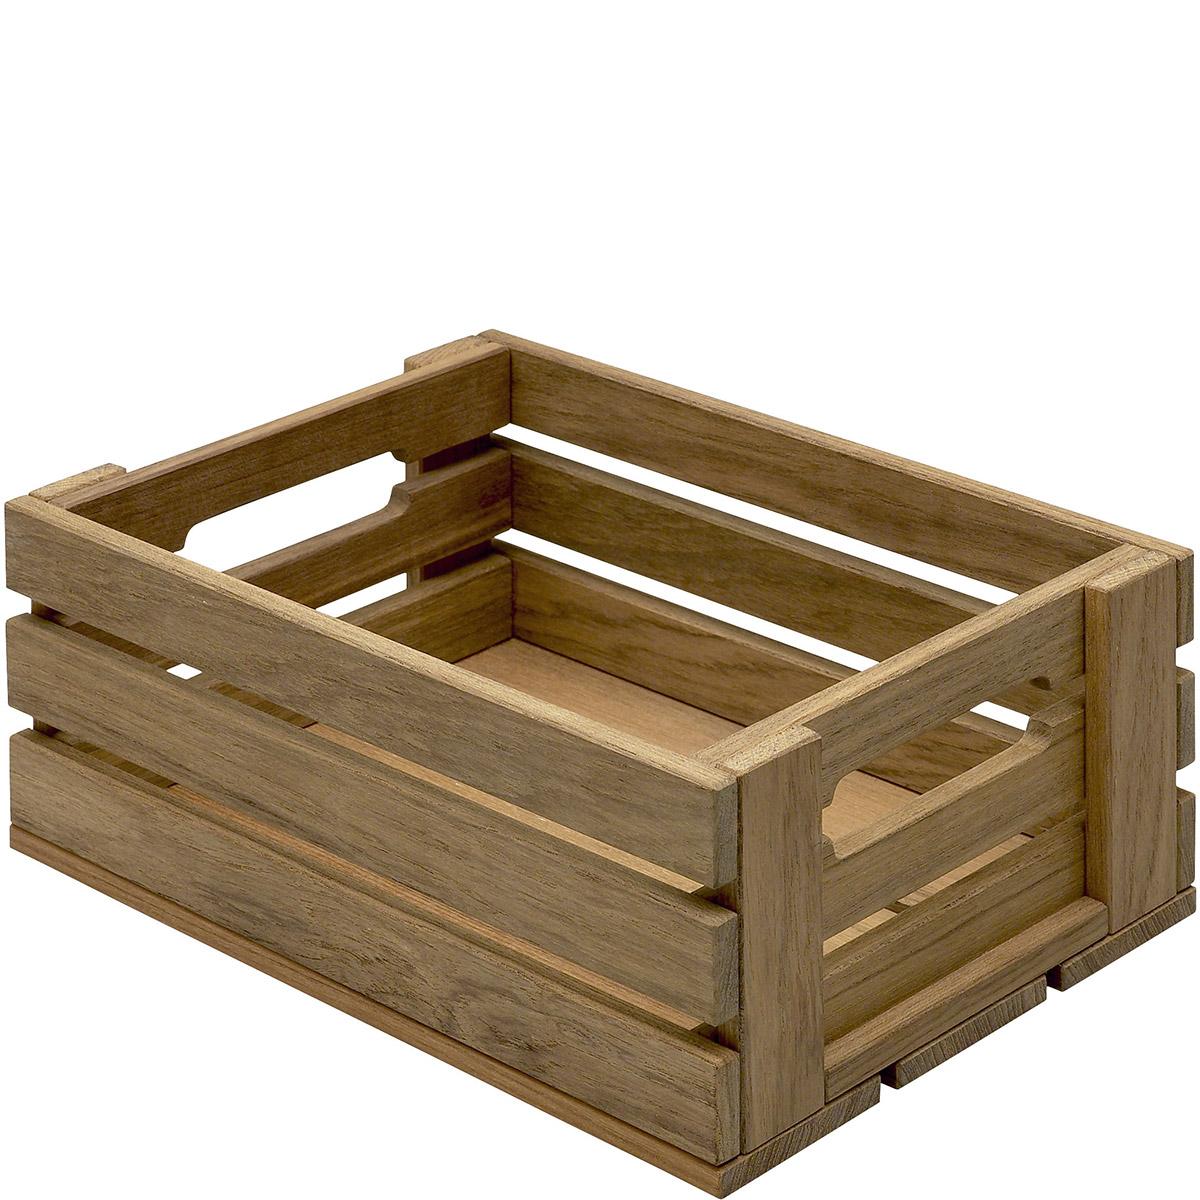 Skrzynka drewniana - idealna dekoracja do ogrodu